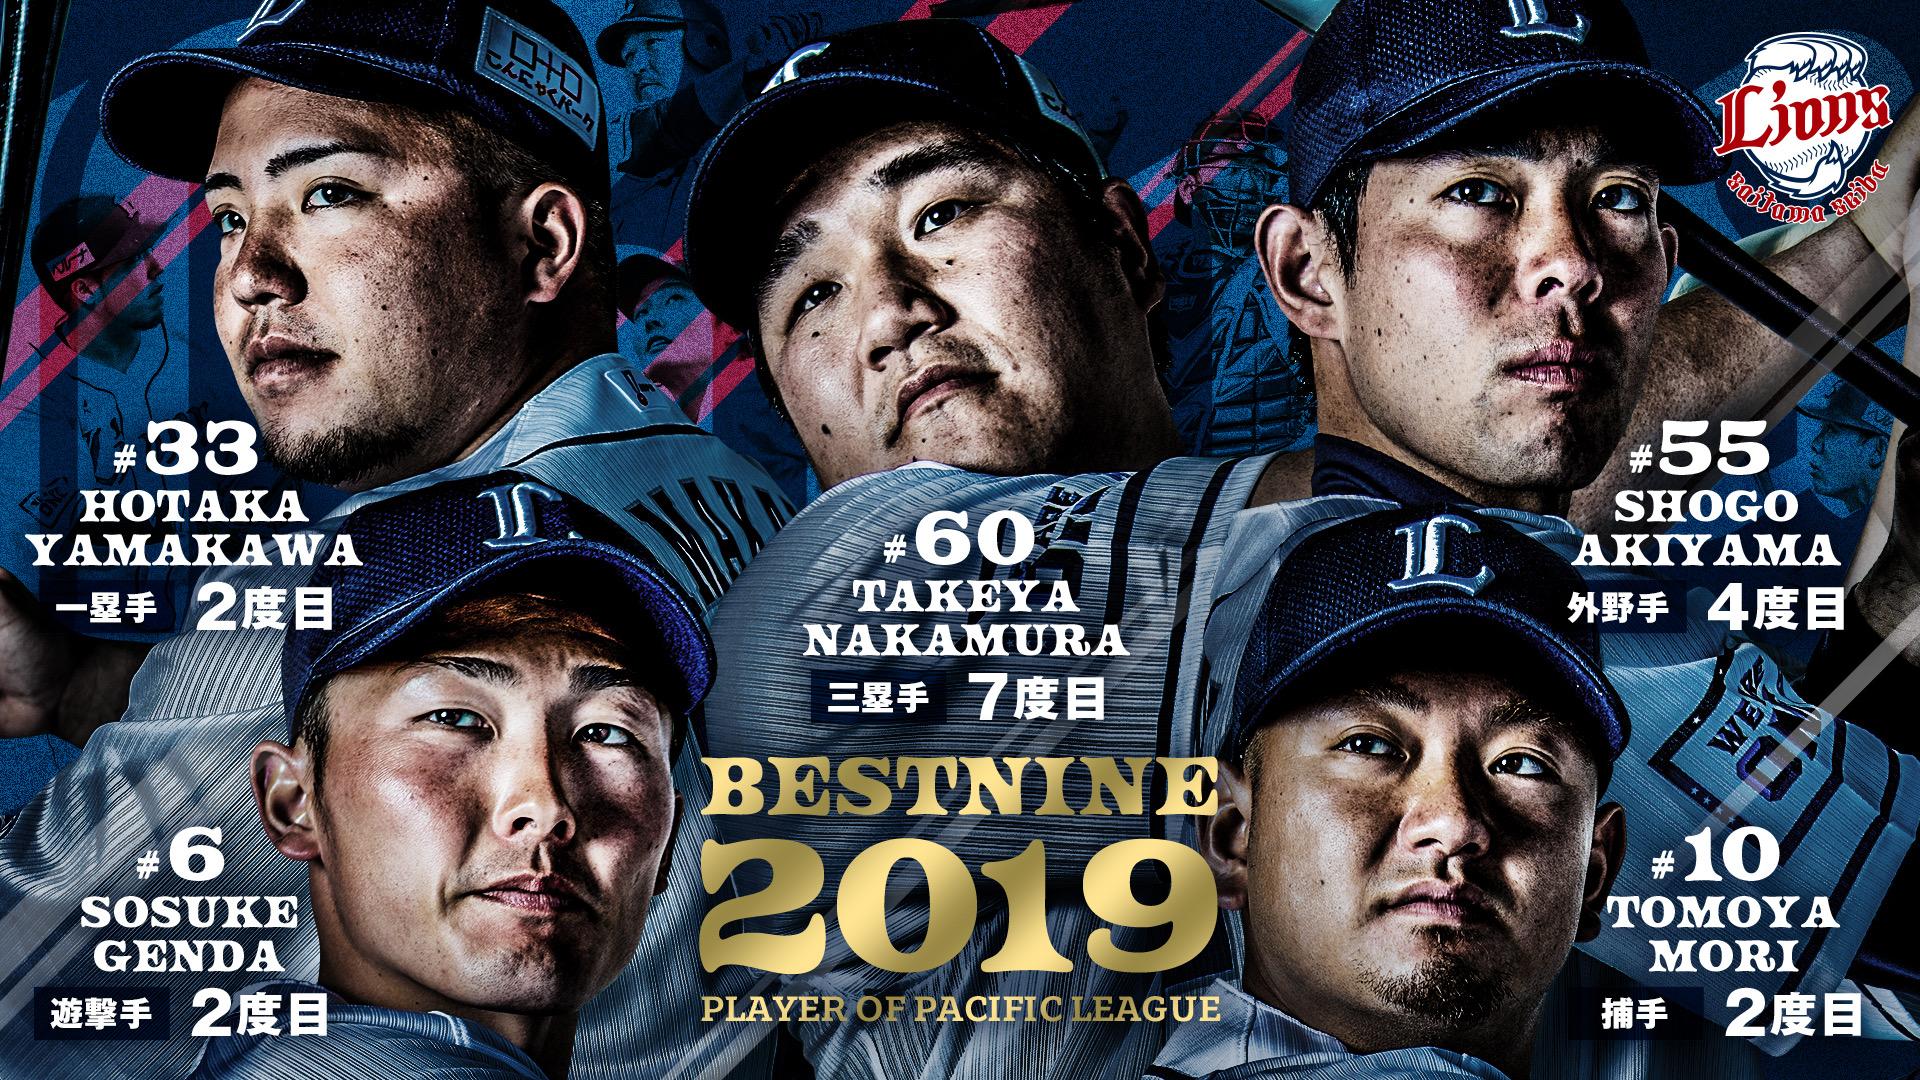 ナイン 2019 ベスト